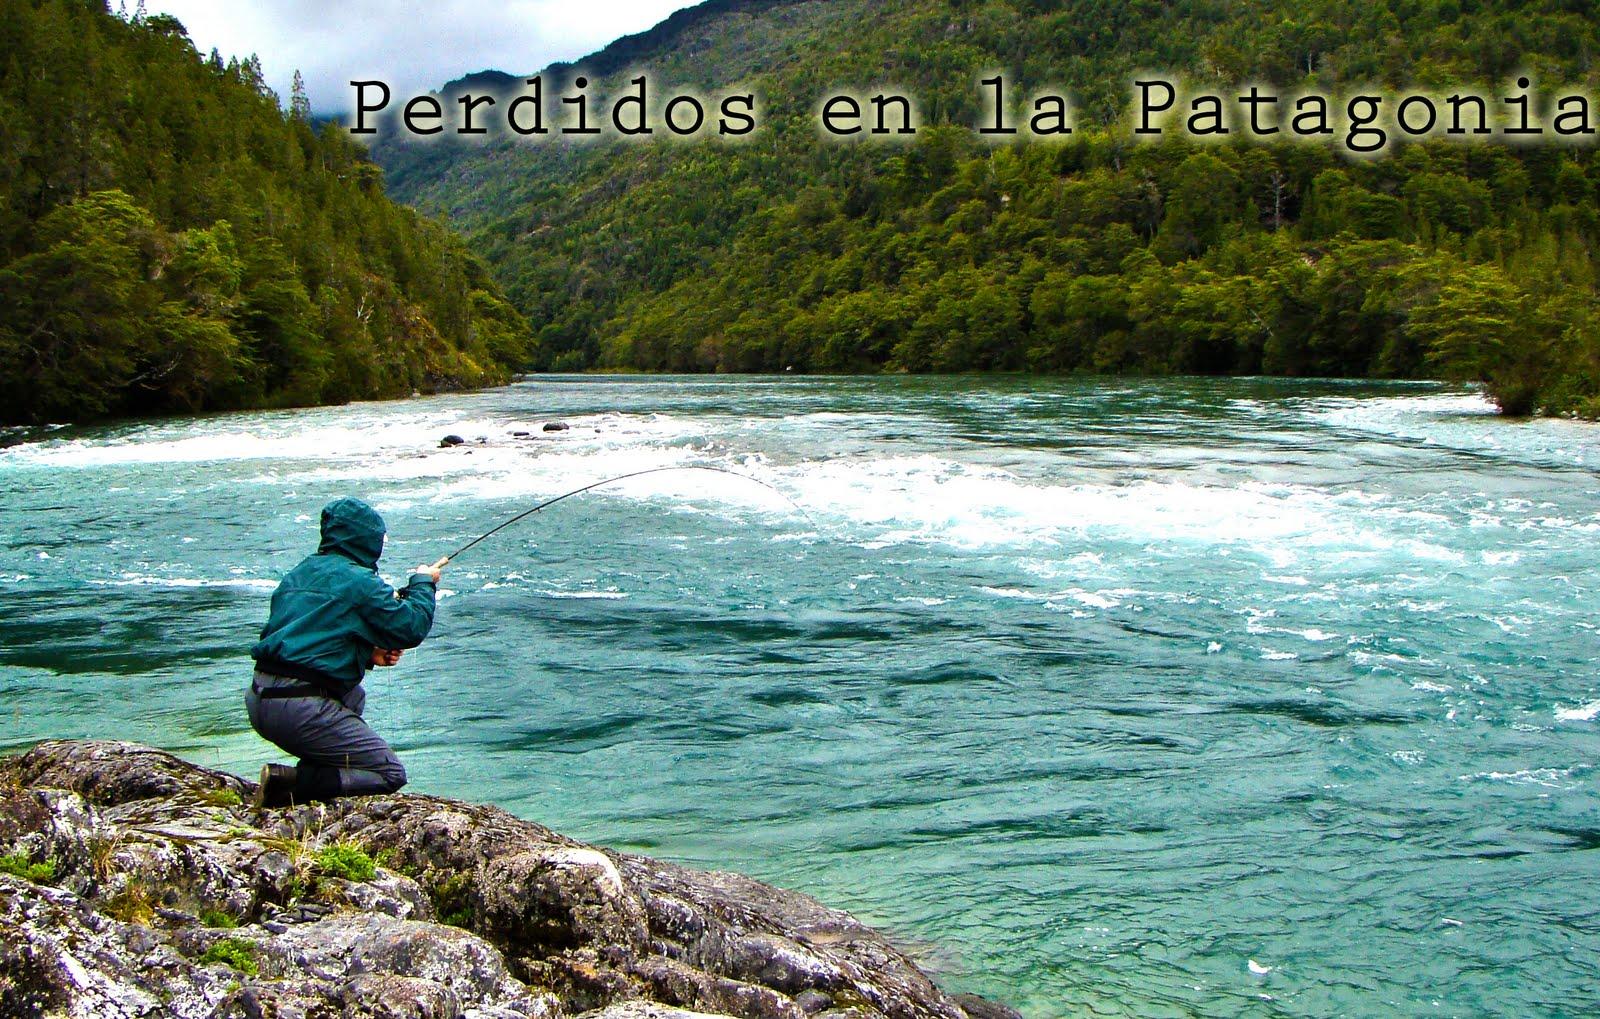 Perdidos en la Patagonia